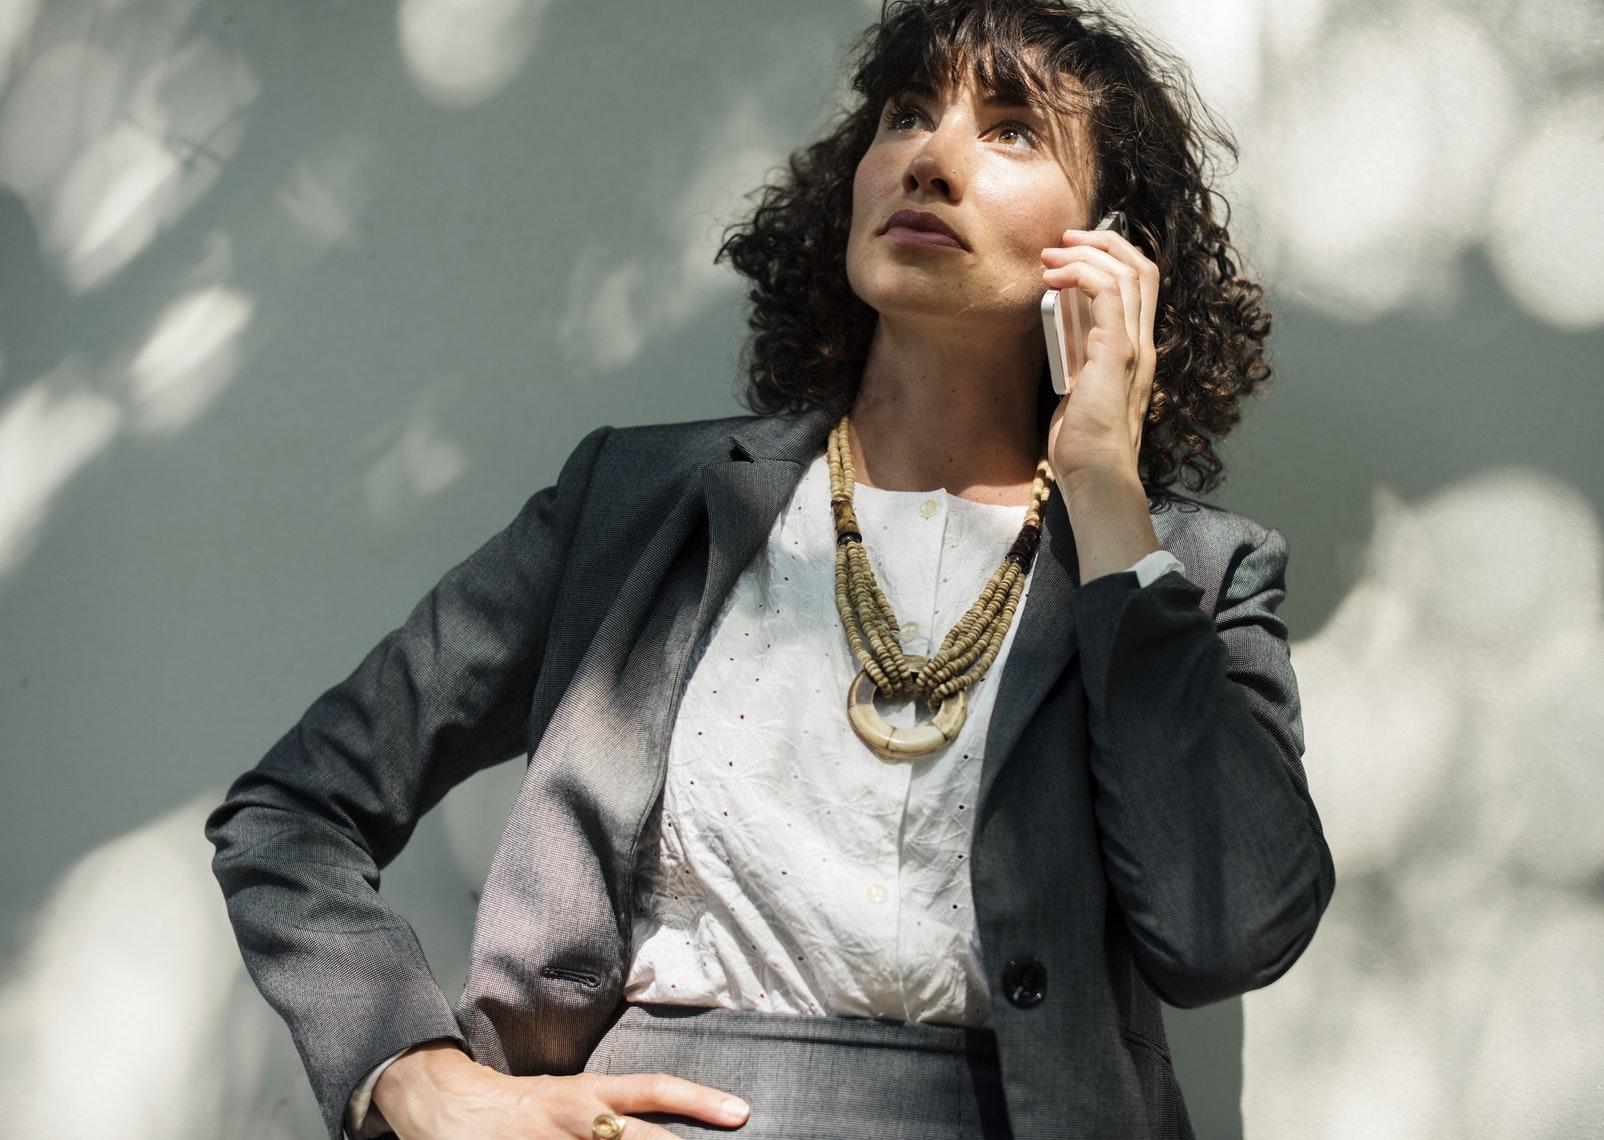 مطلوب موظفات خدمة عملاء Call center لشركة عقارية في اسطنبول